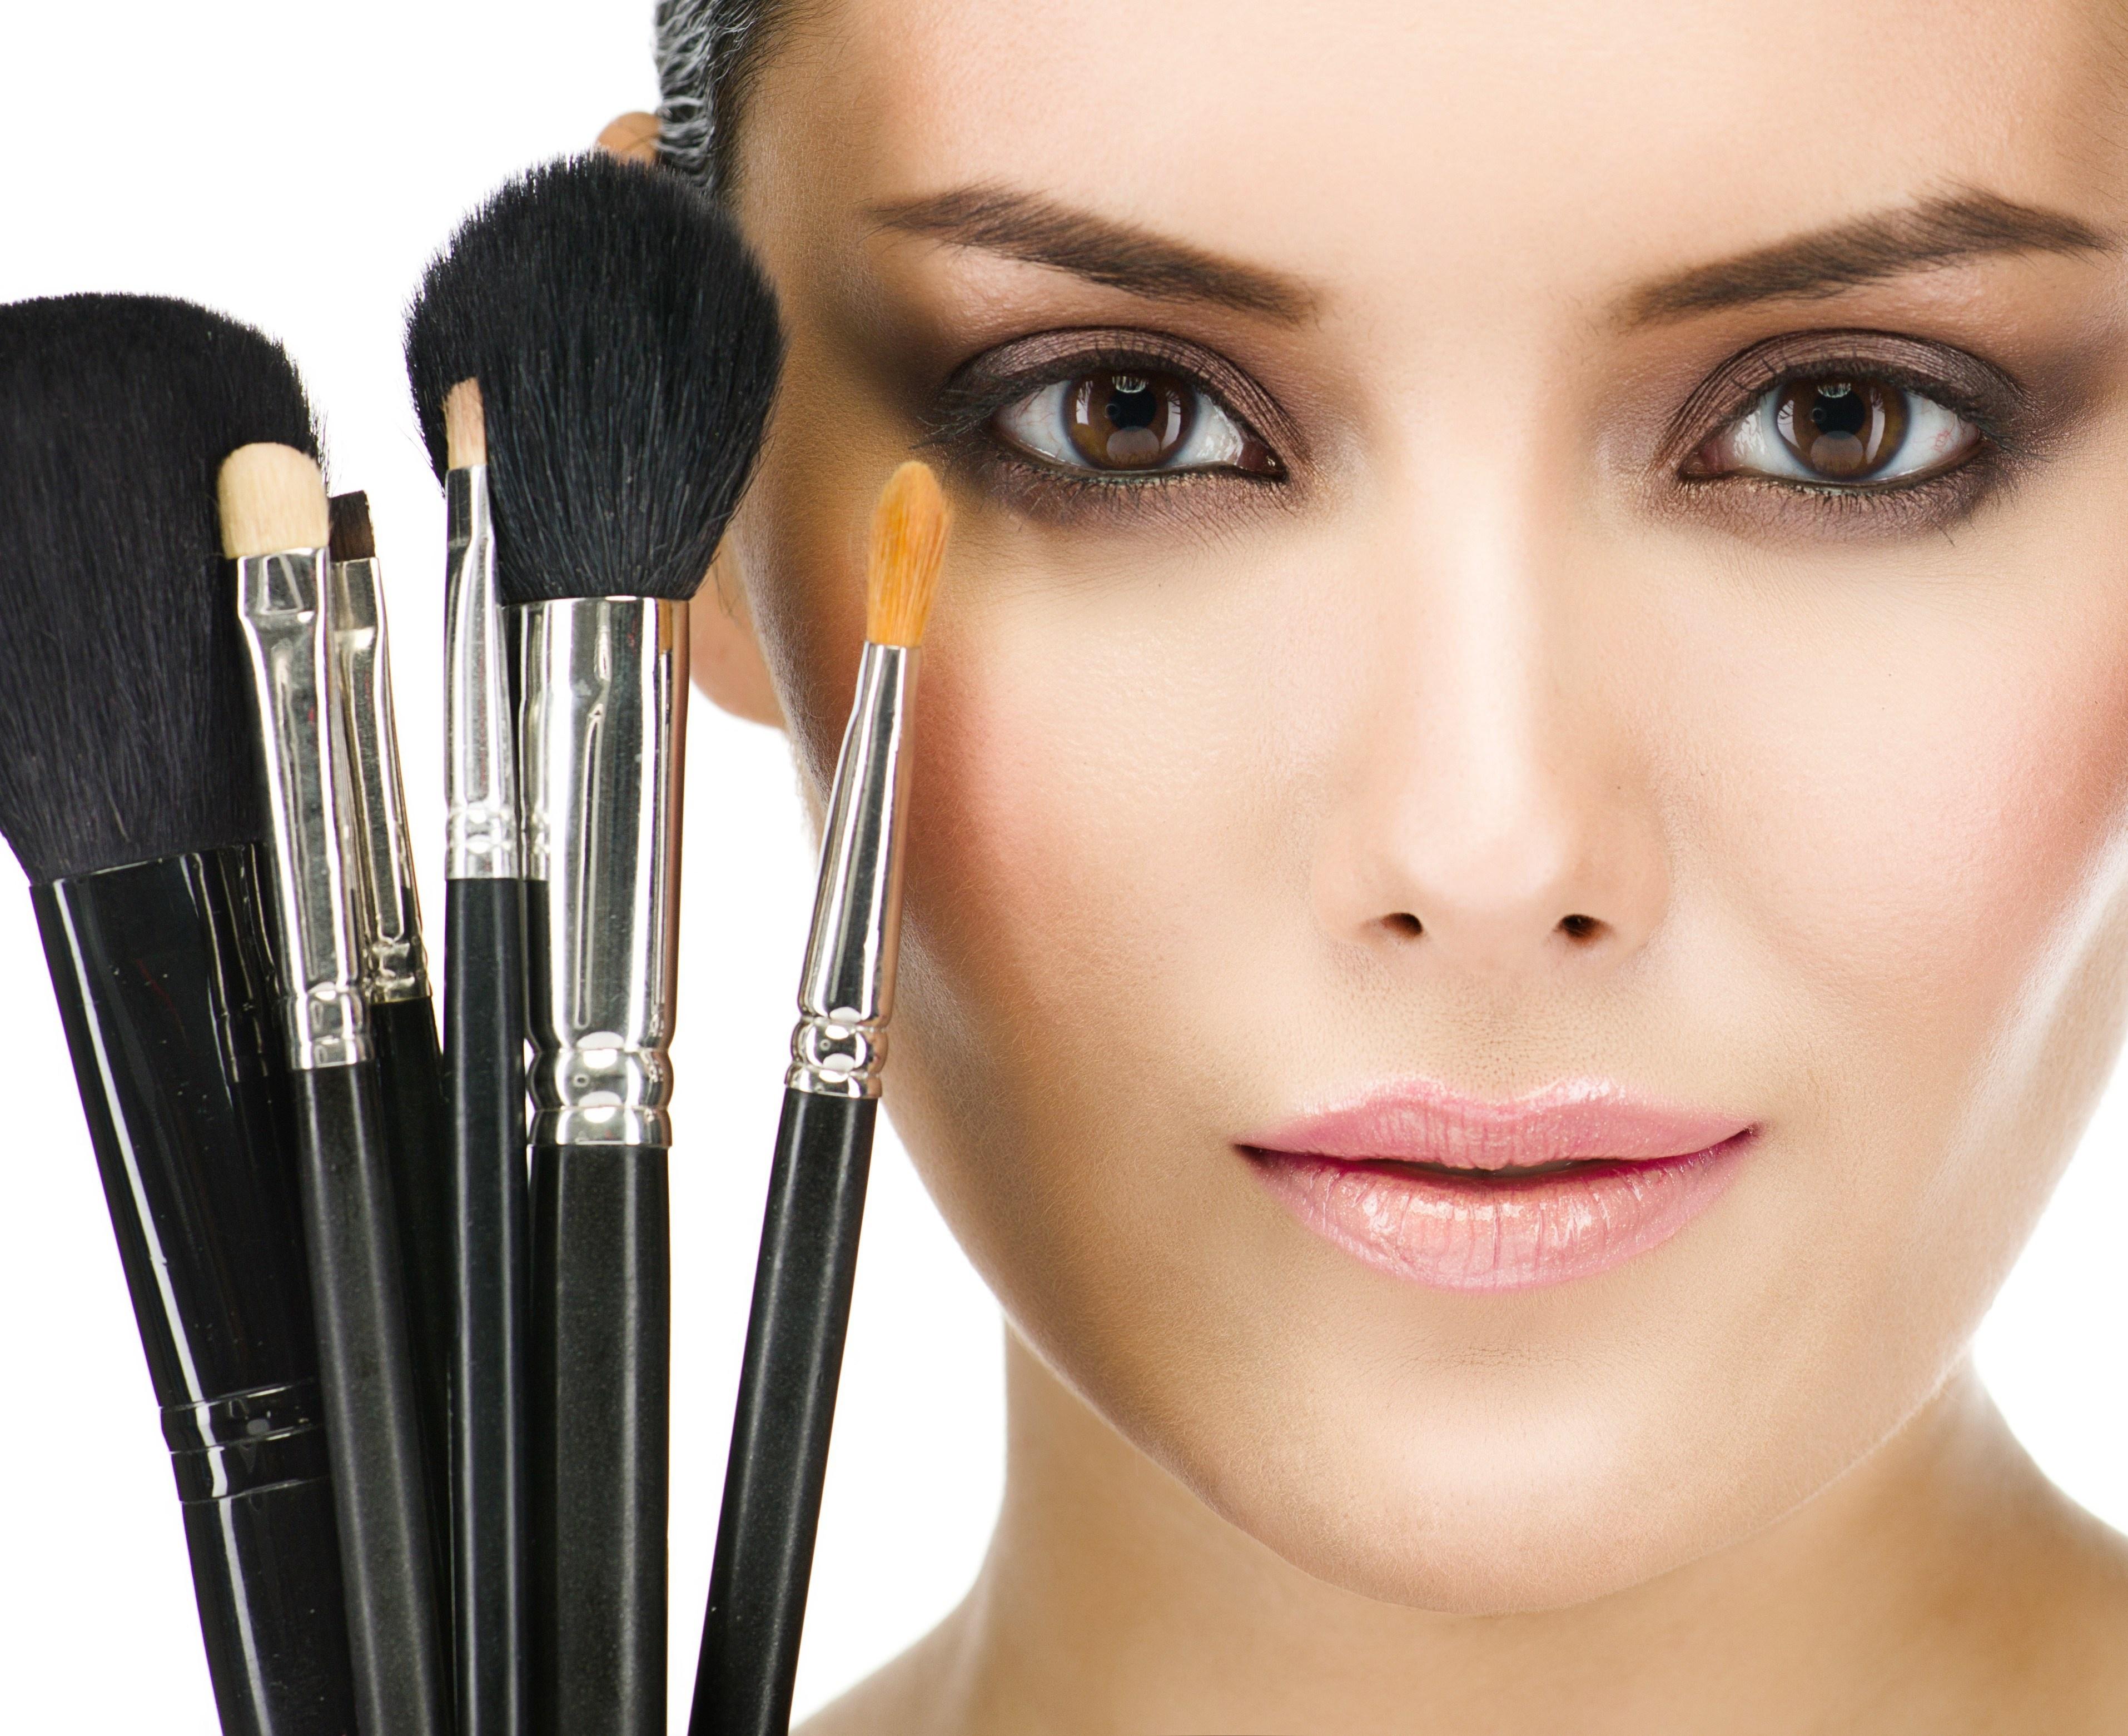 Fotos von Model Make Up Gesicht junge frau Pinsel Blick 3828x3123 Schminke Mädchens junge Frauen Starren